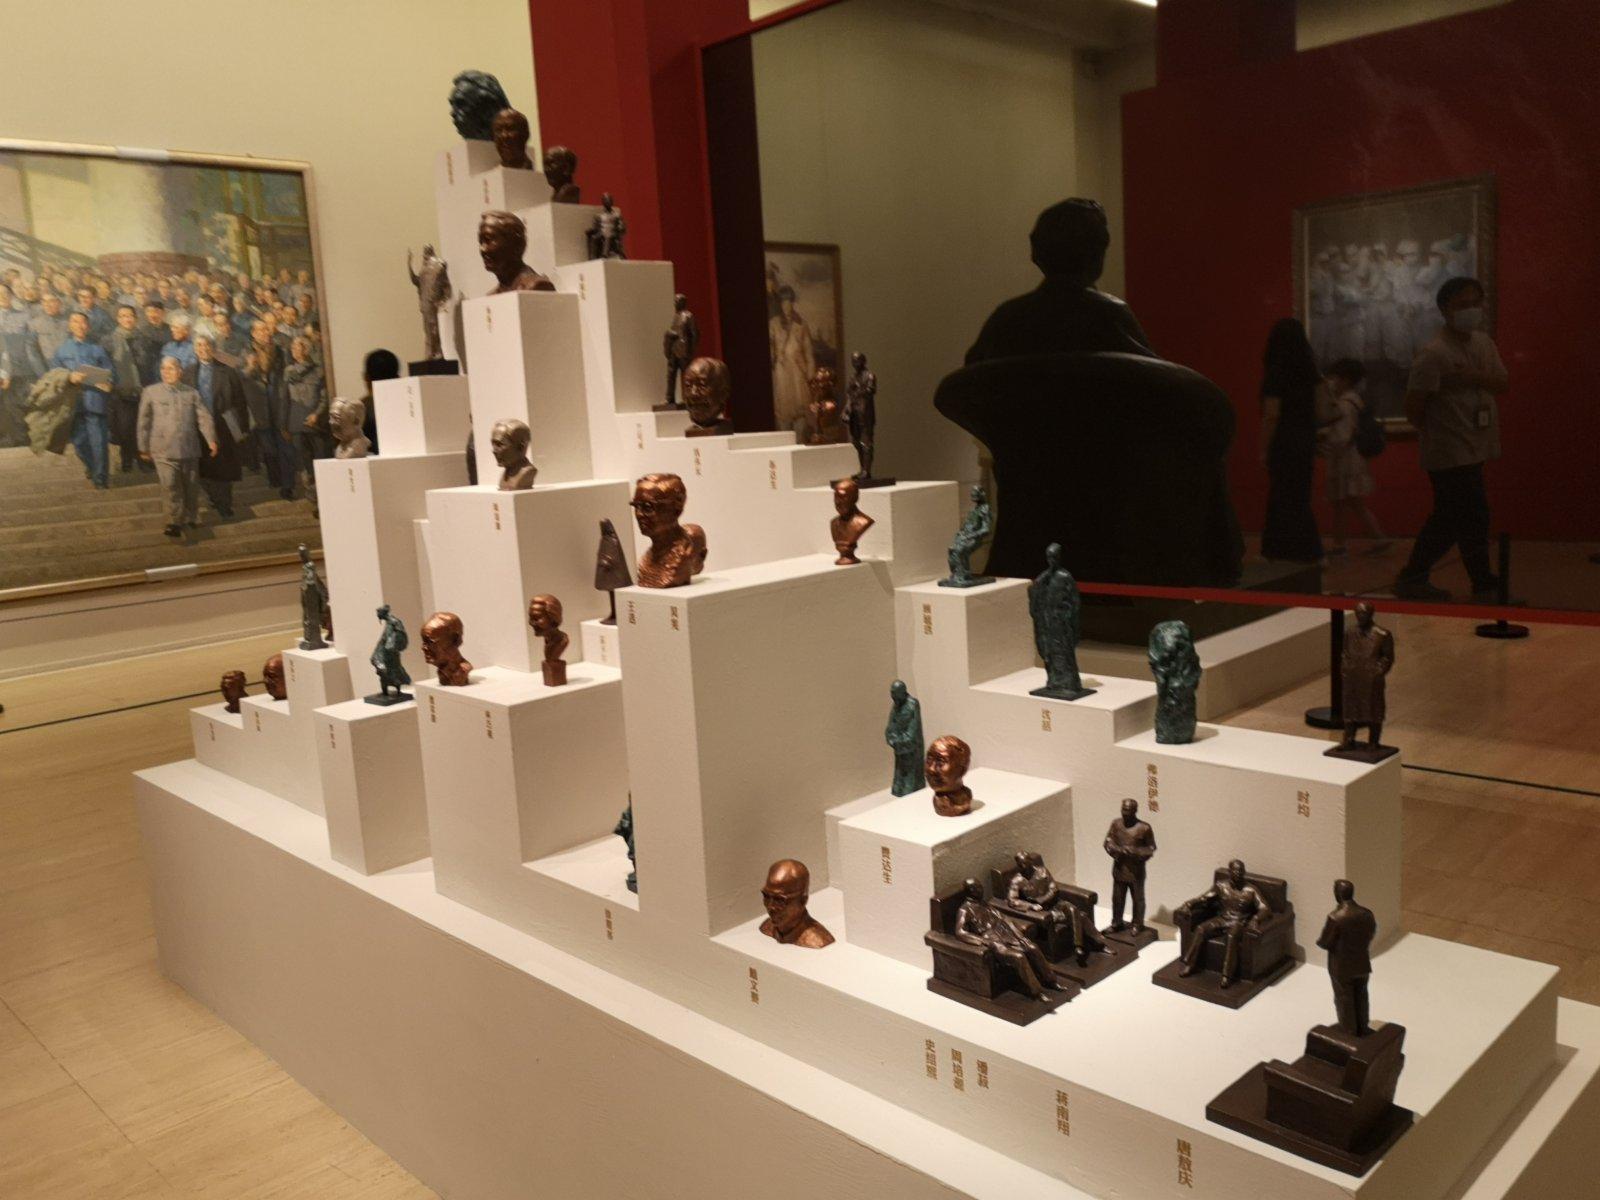 吳為山雕塑作品《高山仰止——向偉大的科學家致敬》。記者張寶峰攝